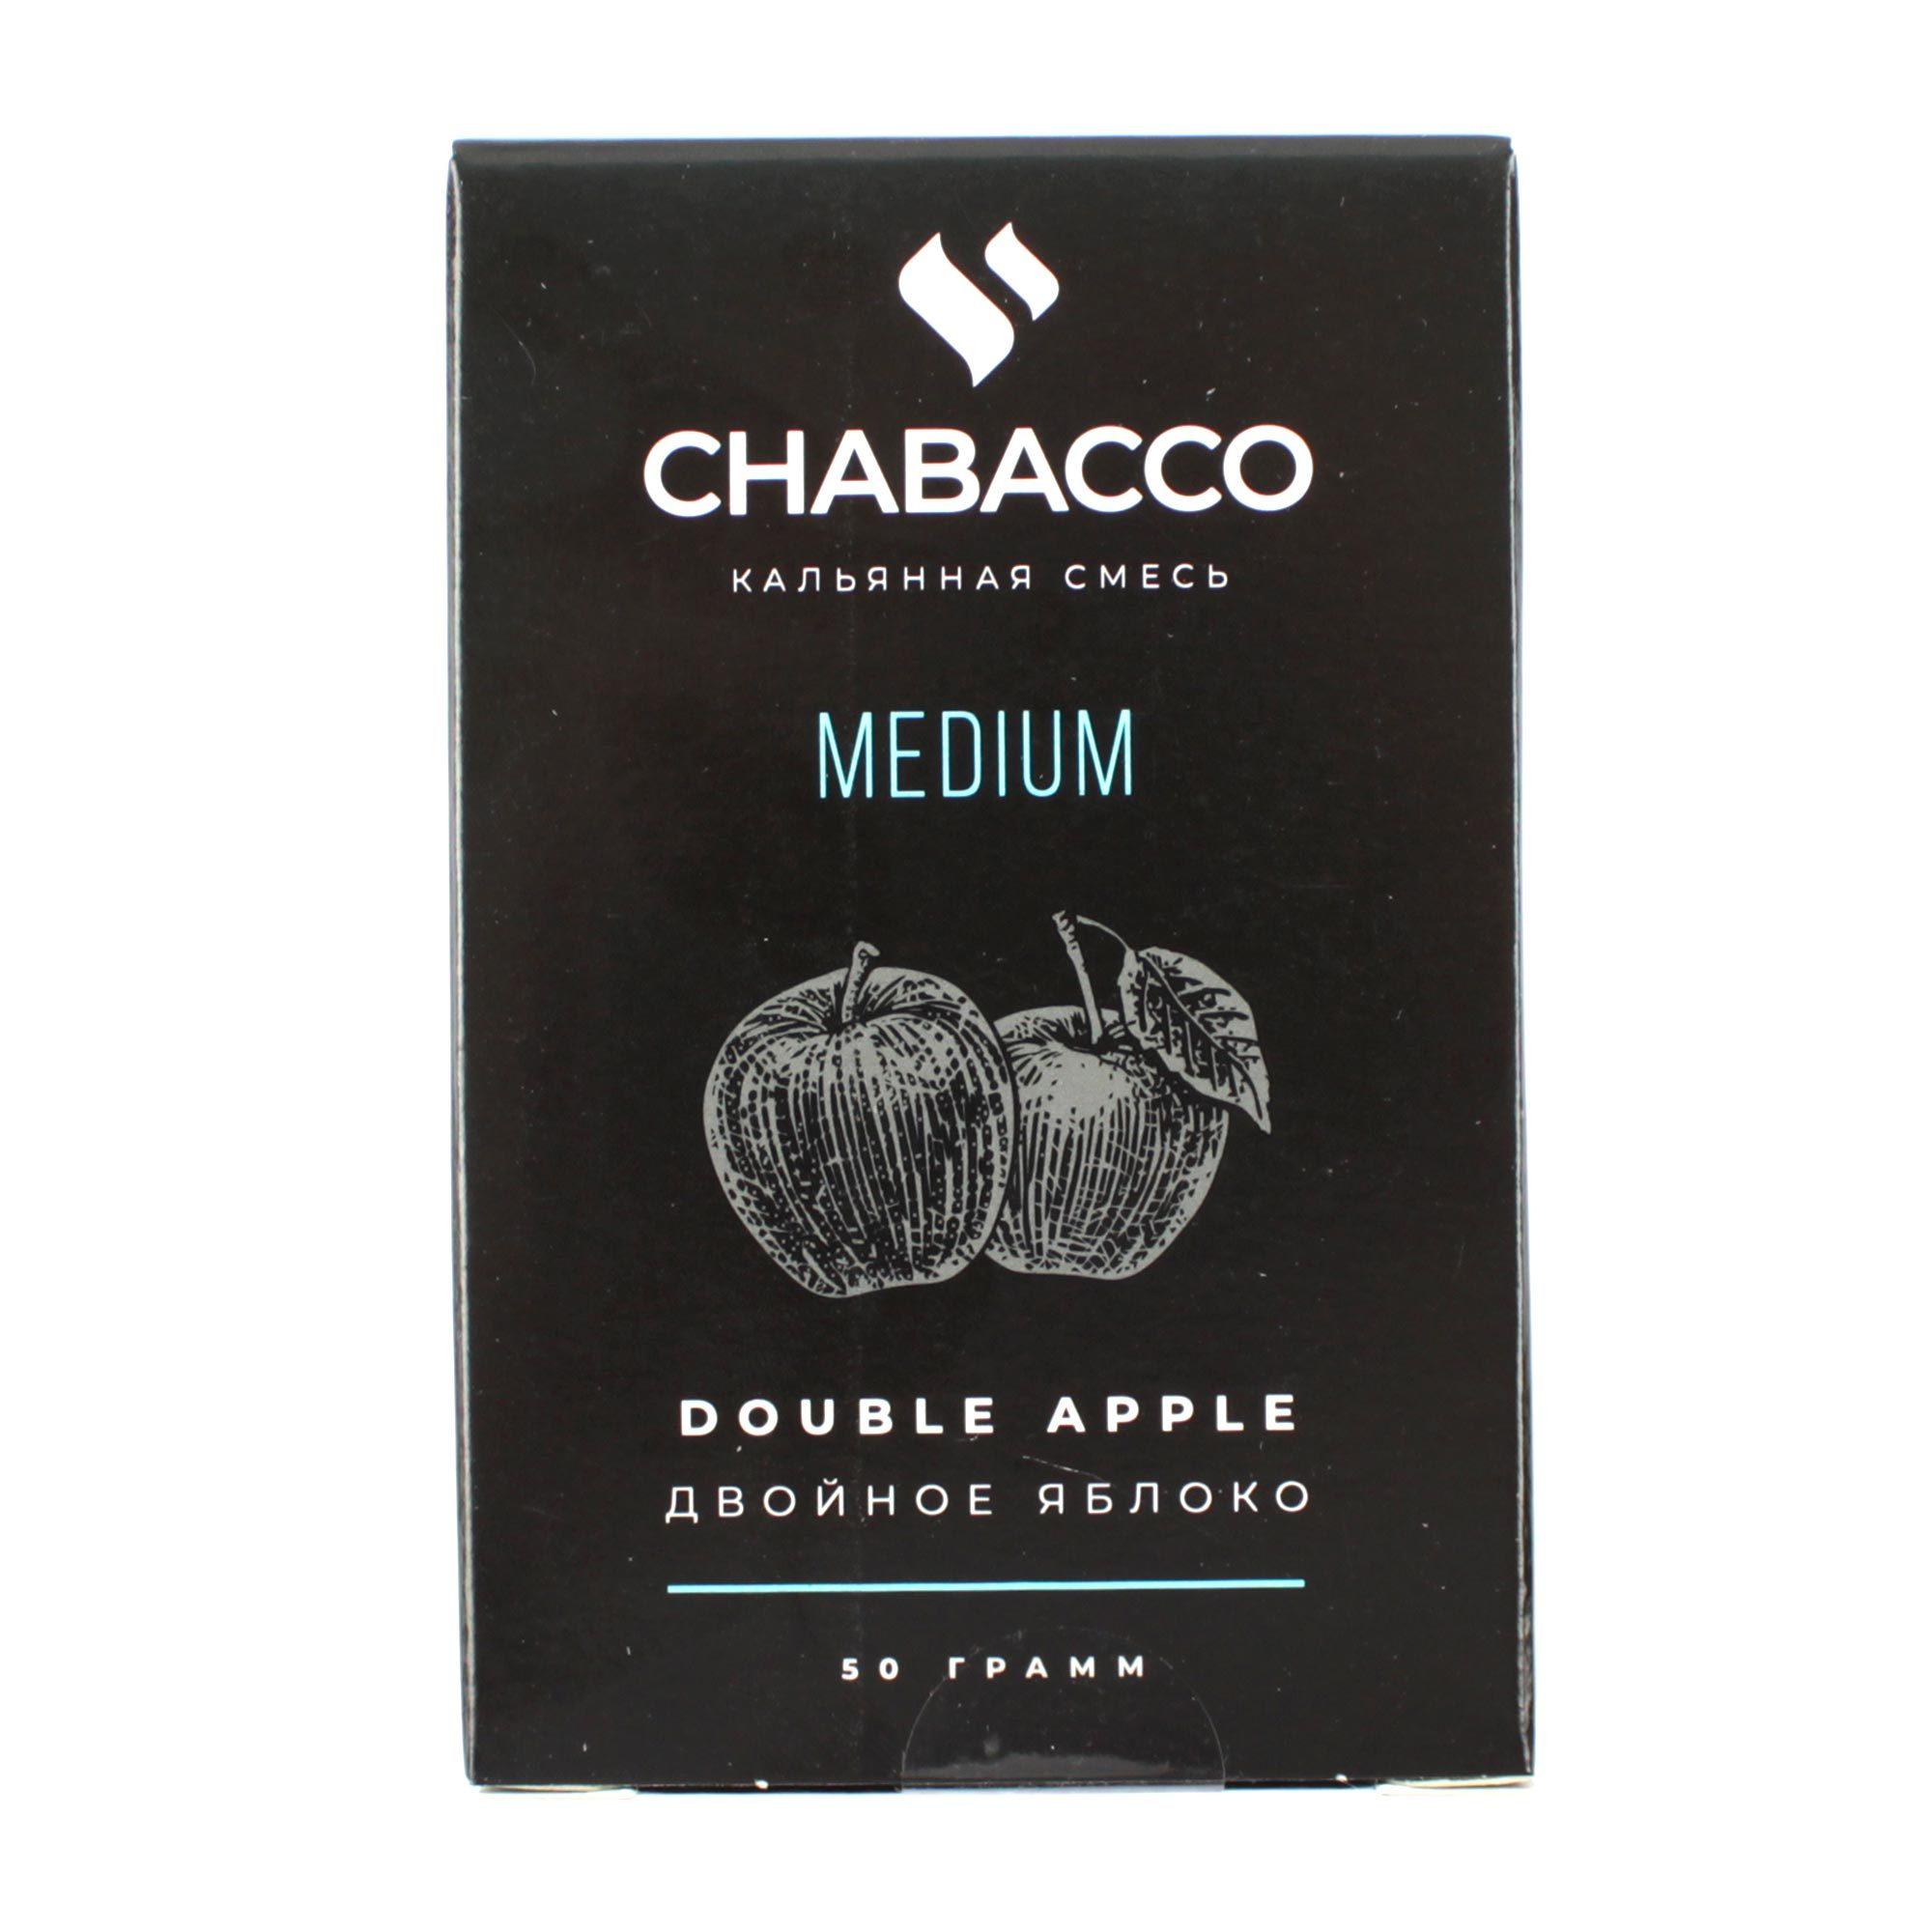 Кальянная смесь Chabacco Medium 50 гр Double Apple